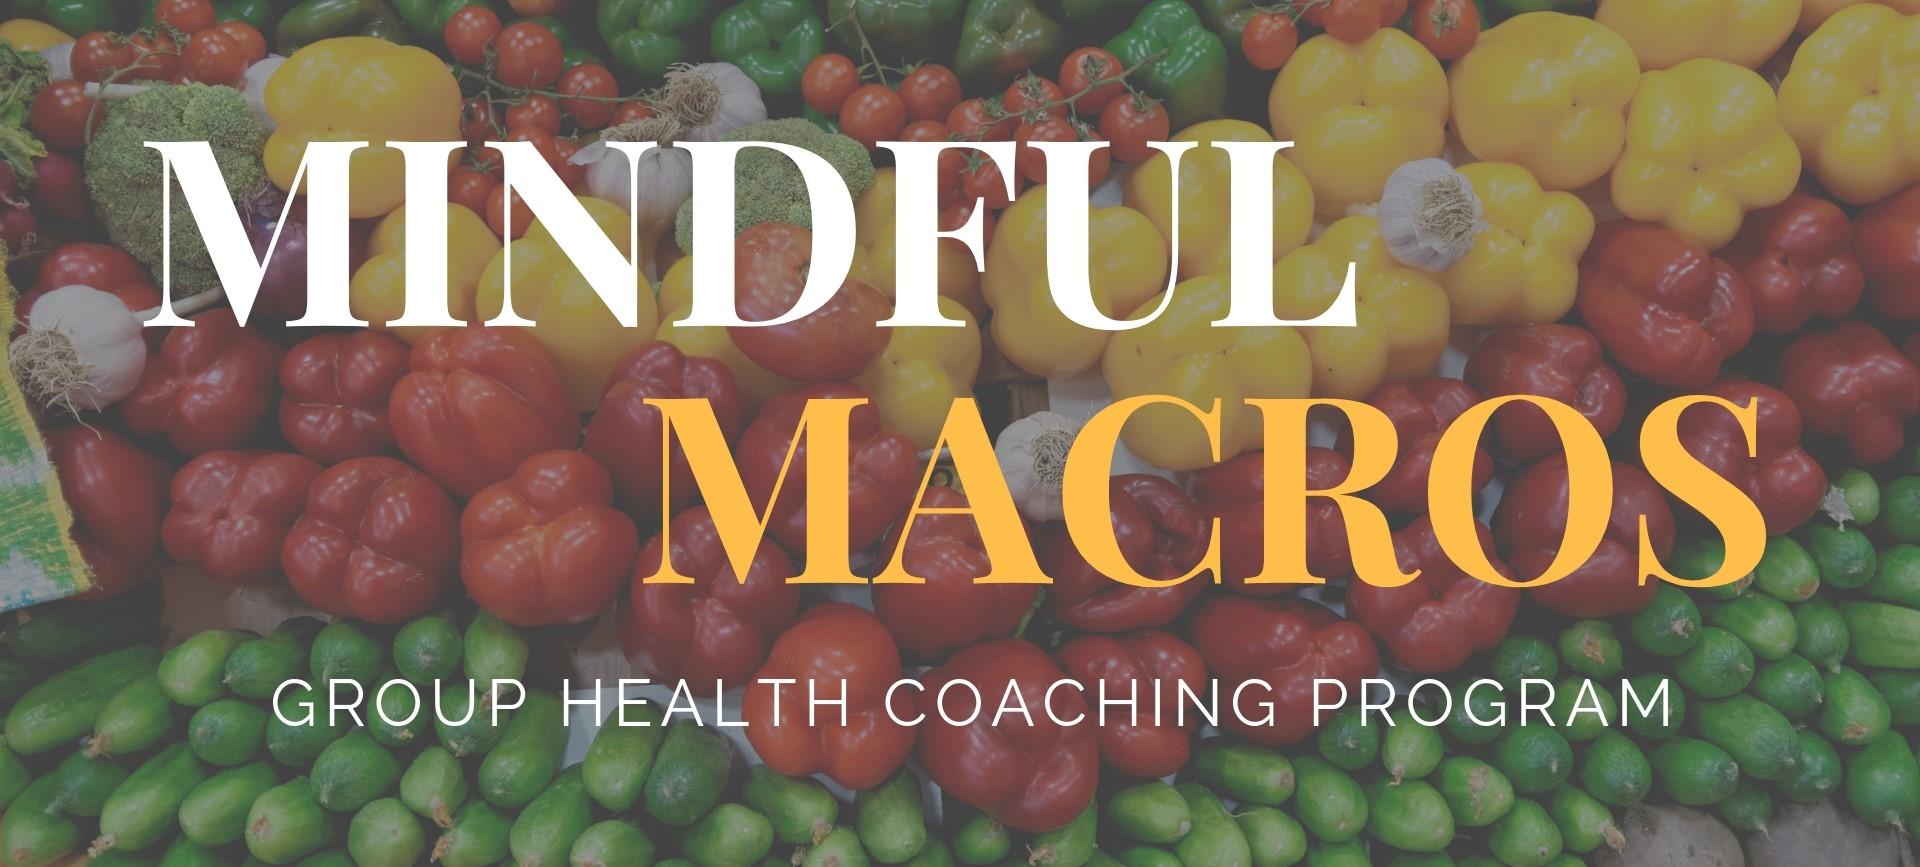 mindful-macros-info-header.jpg